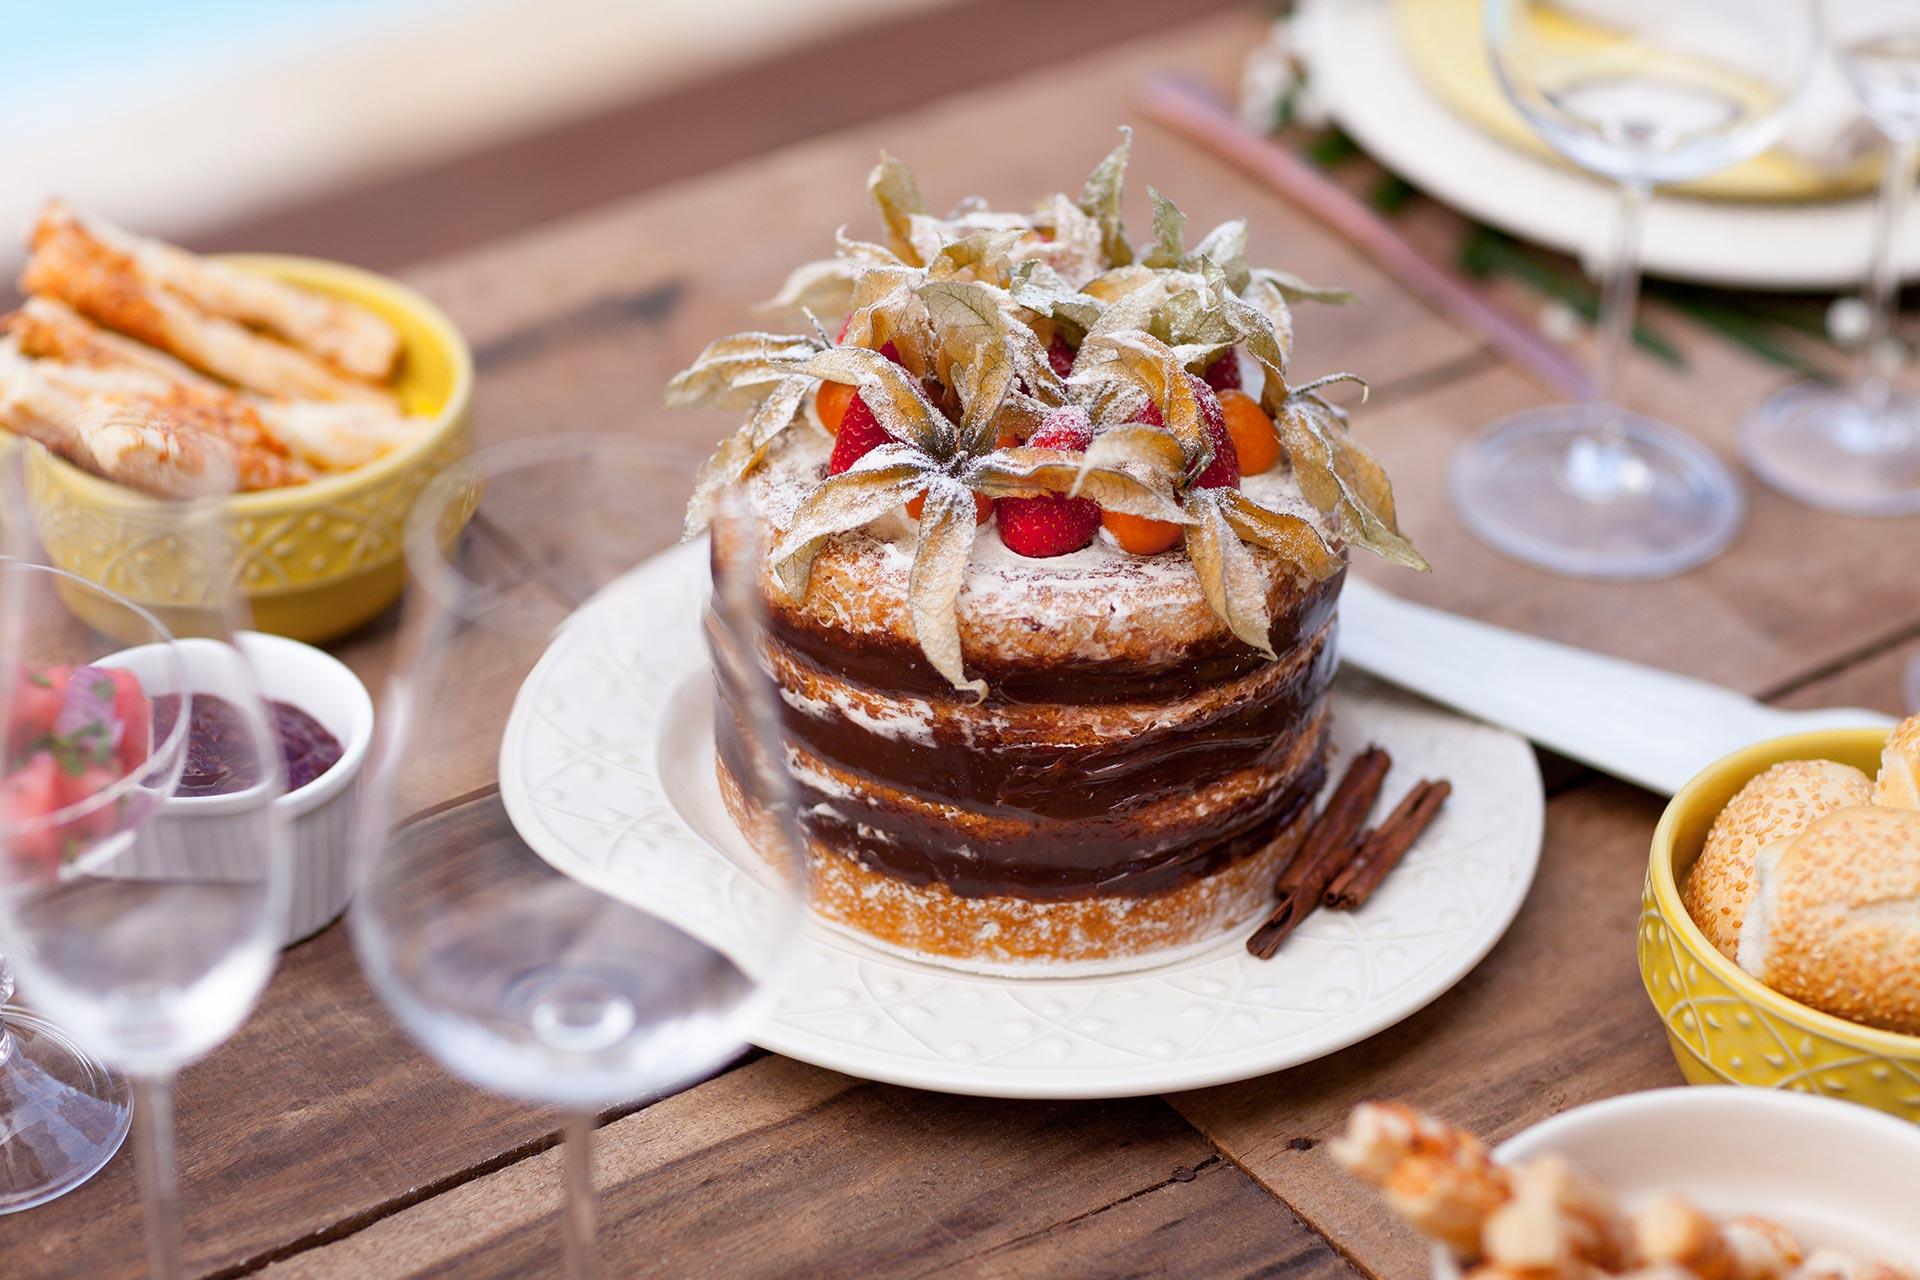 Imagem: Lindo e saboroso, o naked cake é a pedida certa em um brunch. A versão mini é ideal para que a mesa comporte a grande variedade de comidinhas. Foto: Raphael Günther/Bespoke Content.